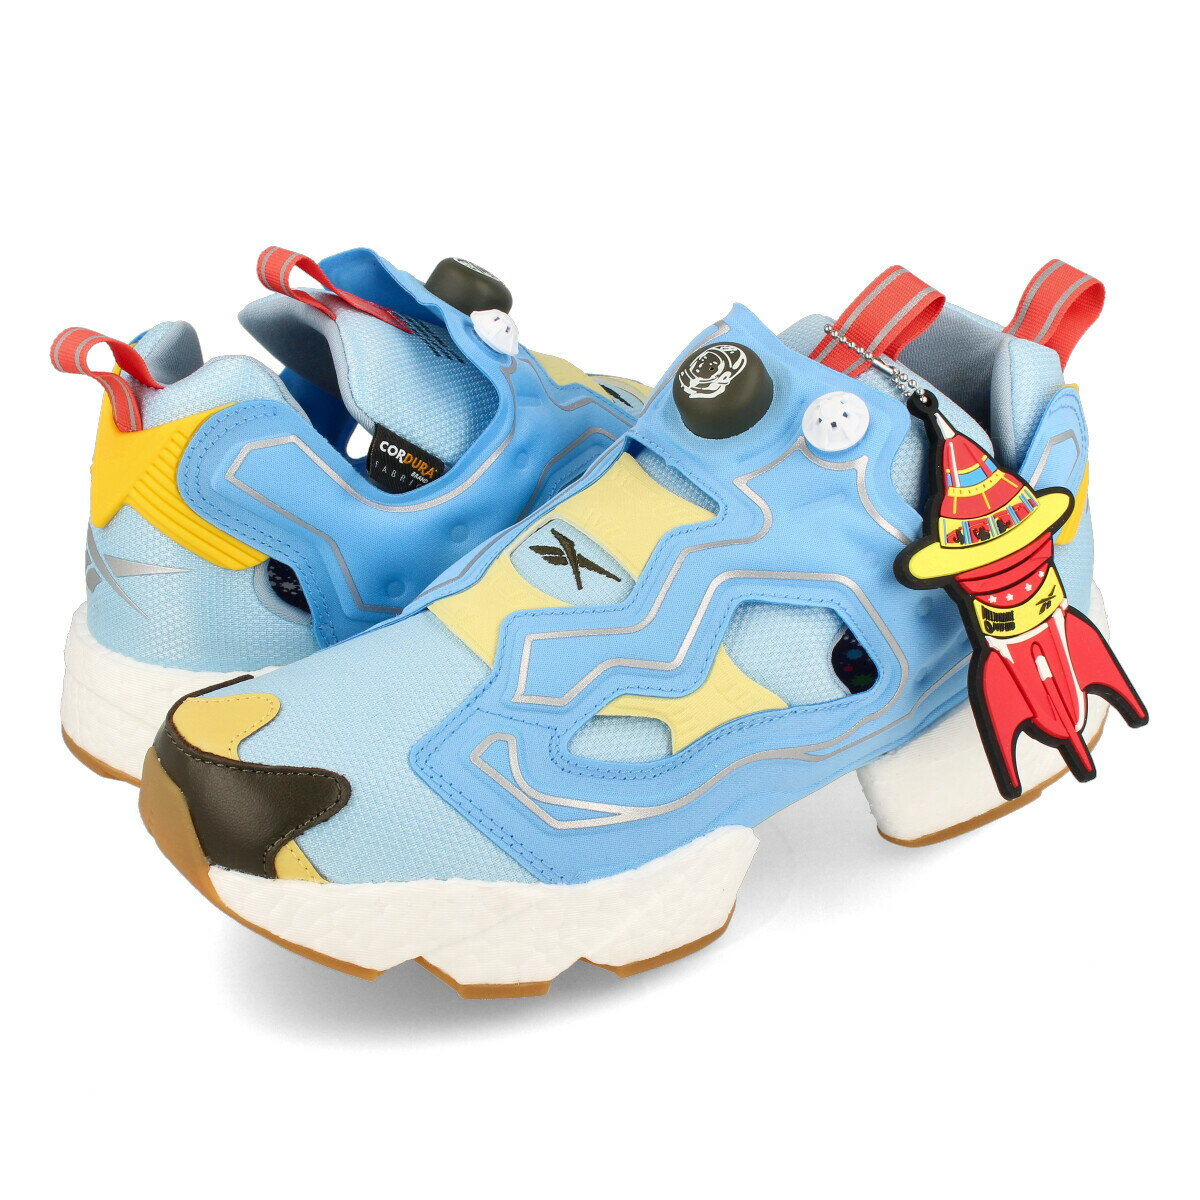 メンズ靴, スニーカー Reebok INSTAPUMP FURY BOOST BILLIONAIRE BOYS CLUB DANDY BLUESKY BLUEYELLOW SENSATION gz5362